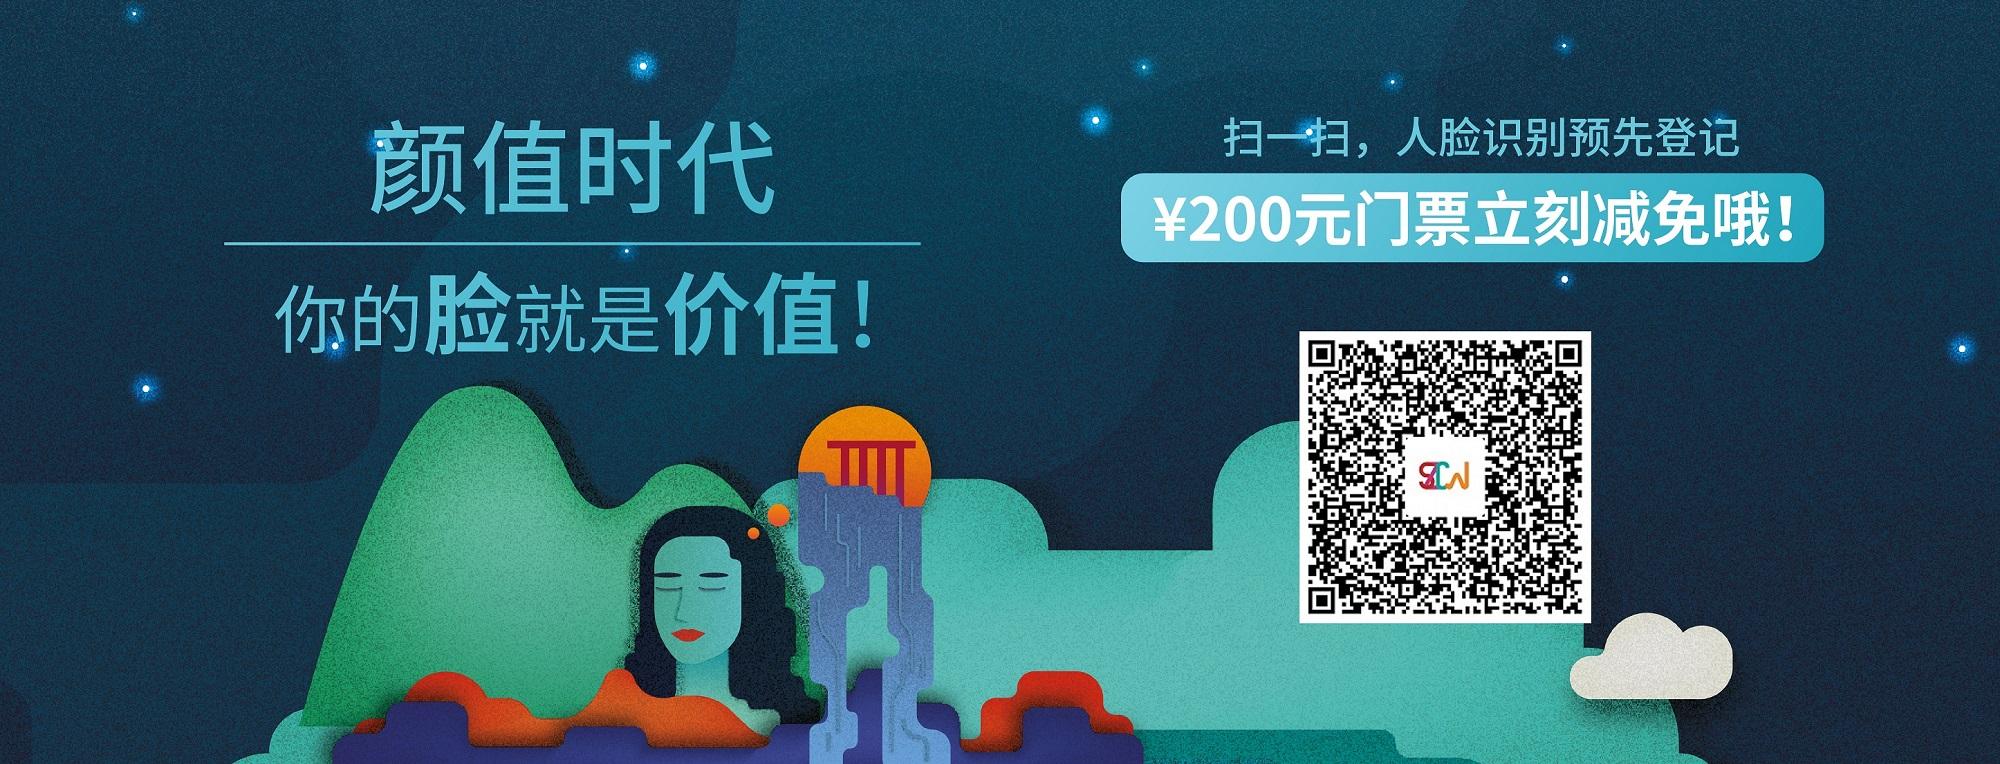 深圳国际家具展,设计周,家具展,预先登记,腾讯,人脸识别